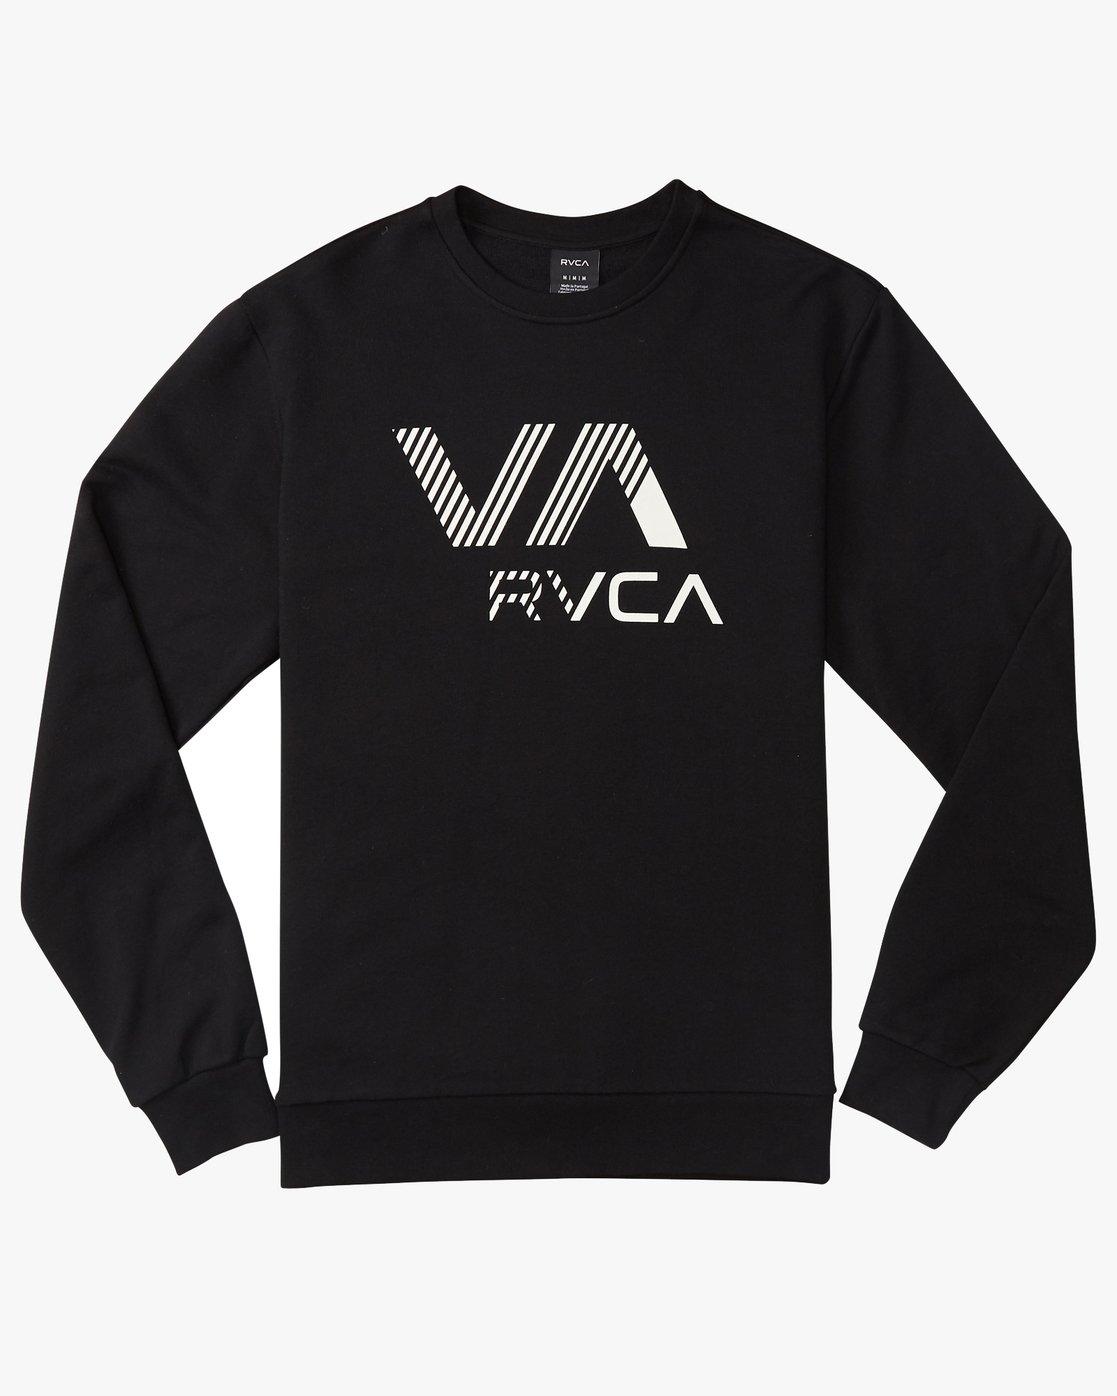 0 VA Rvca Crew Fleece Black N1CRRXRVP9 RVCA